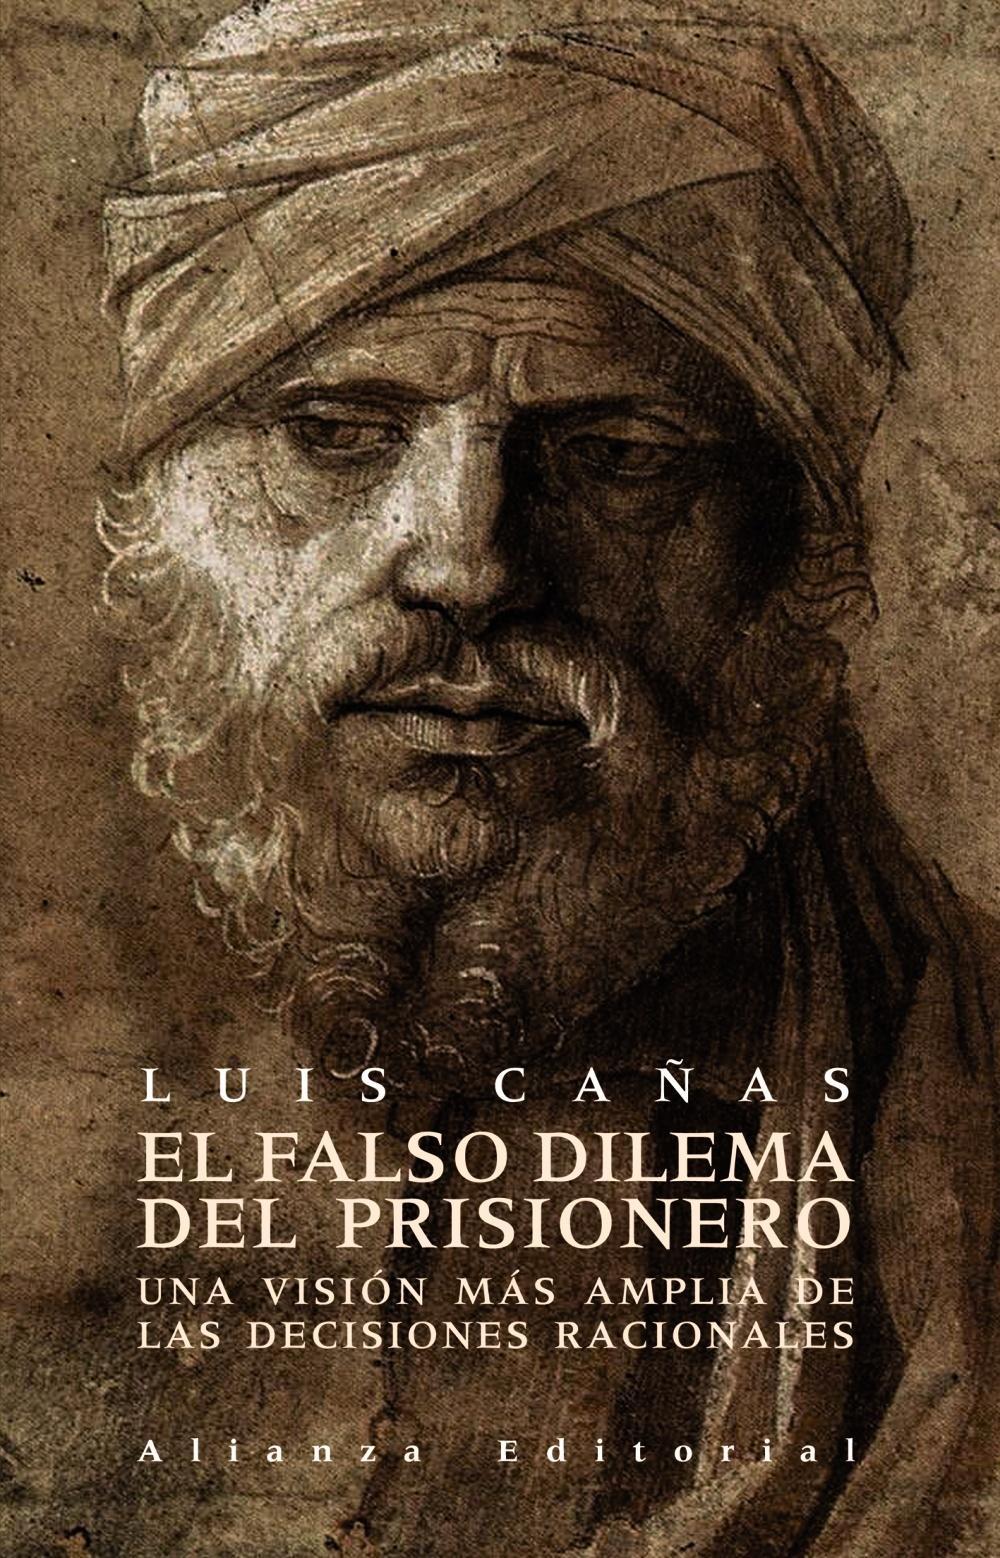 Foto El falso dilema del prisionero